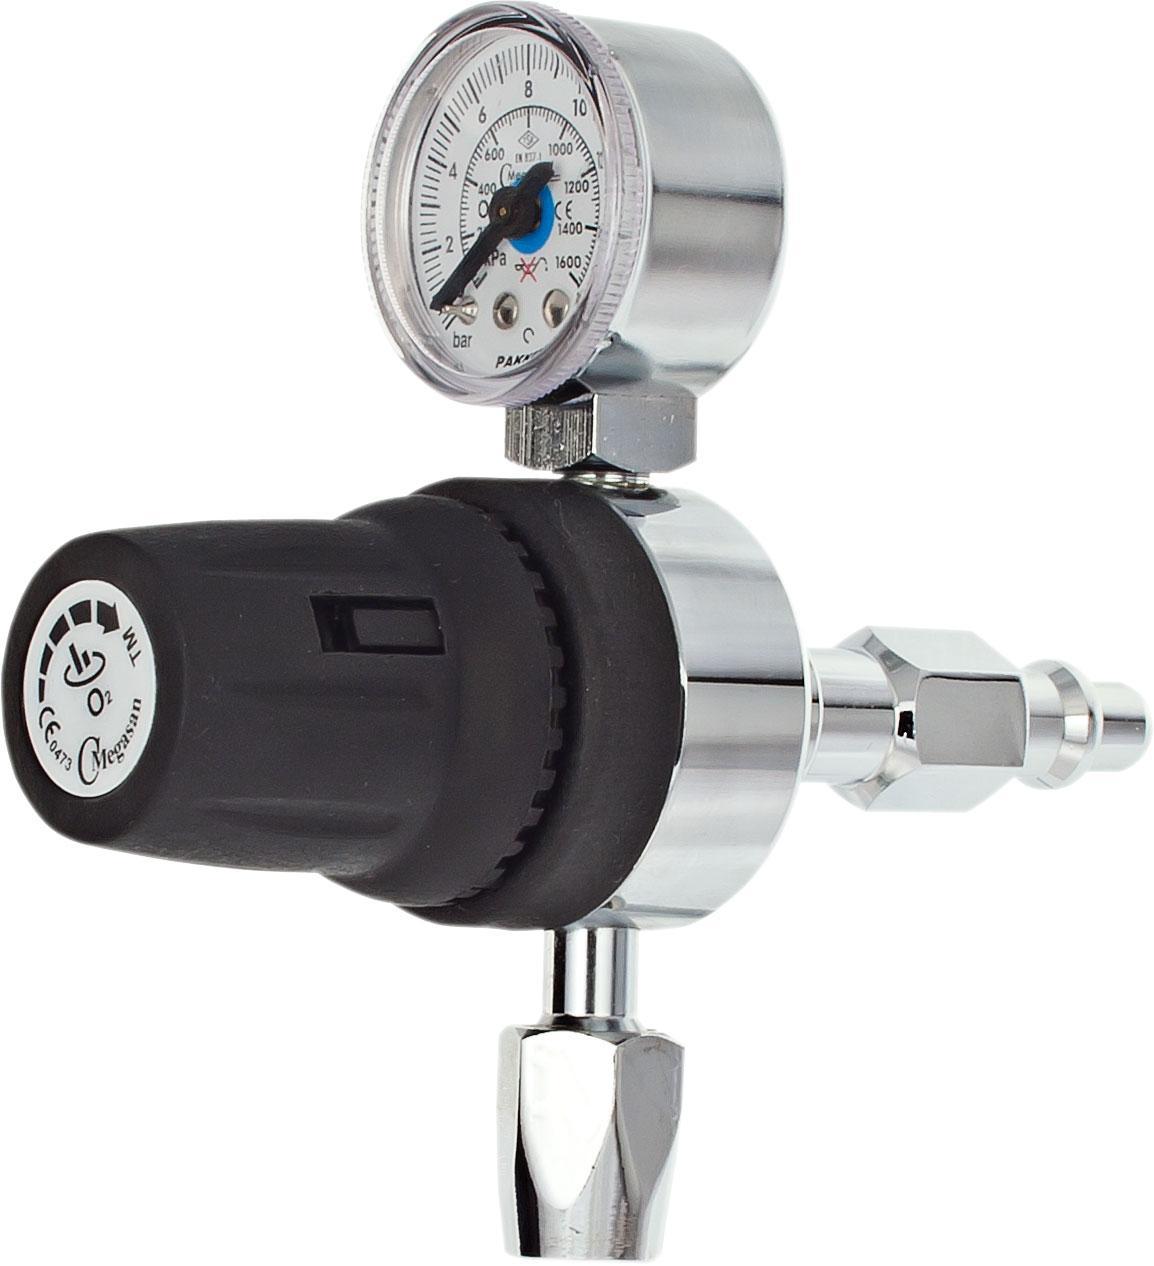 Регулятор низкого давления центральной системы сжатого воздуха 7 бар - DIN